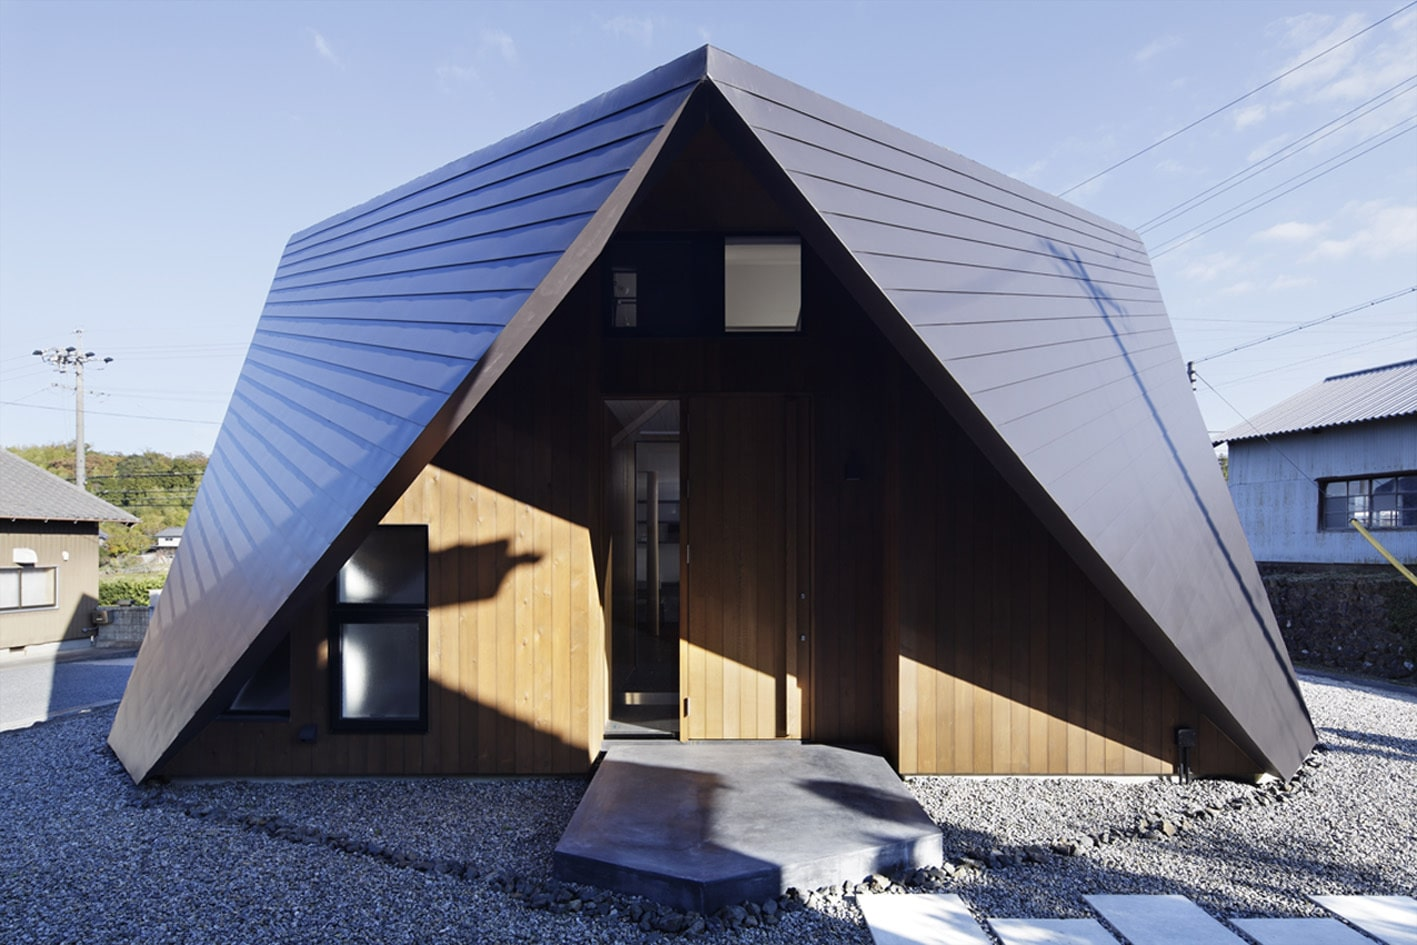 Casa De Dos Pisos Con Techo Tipo Origami Para Protecci 243 N